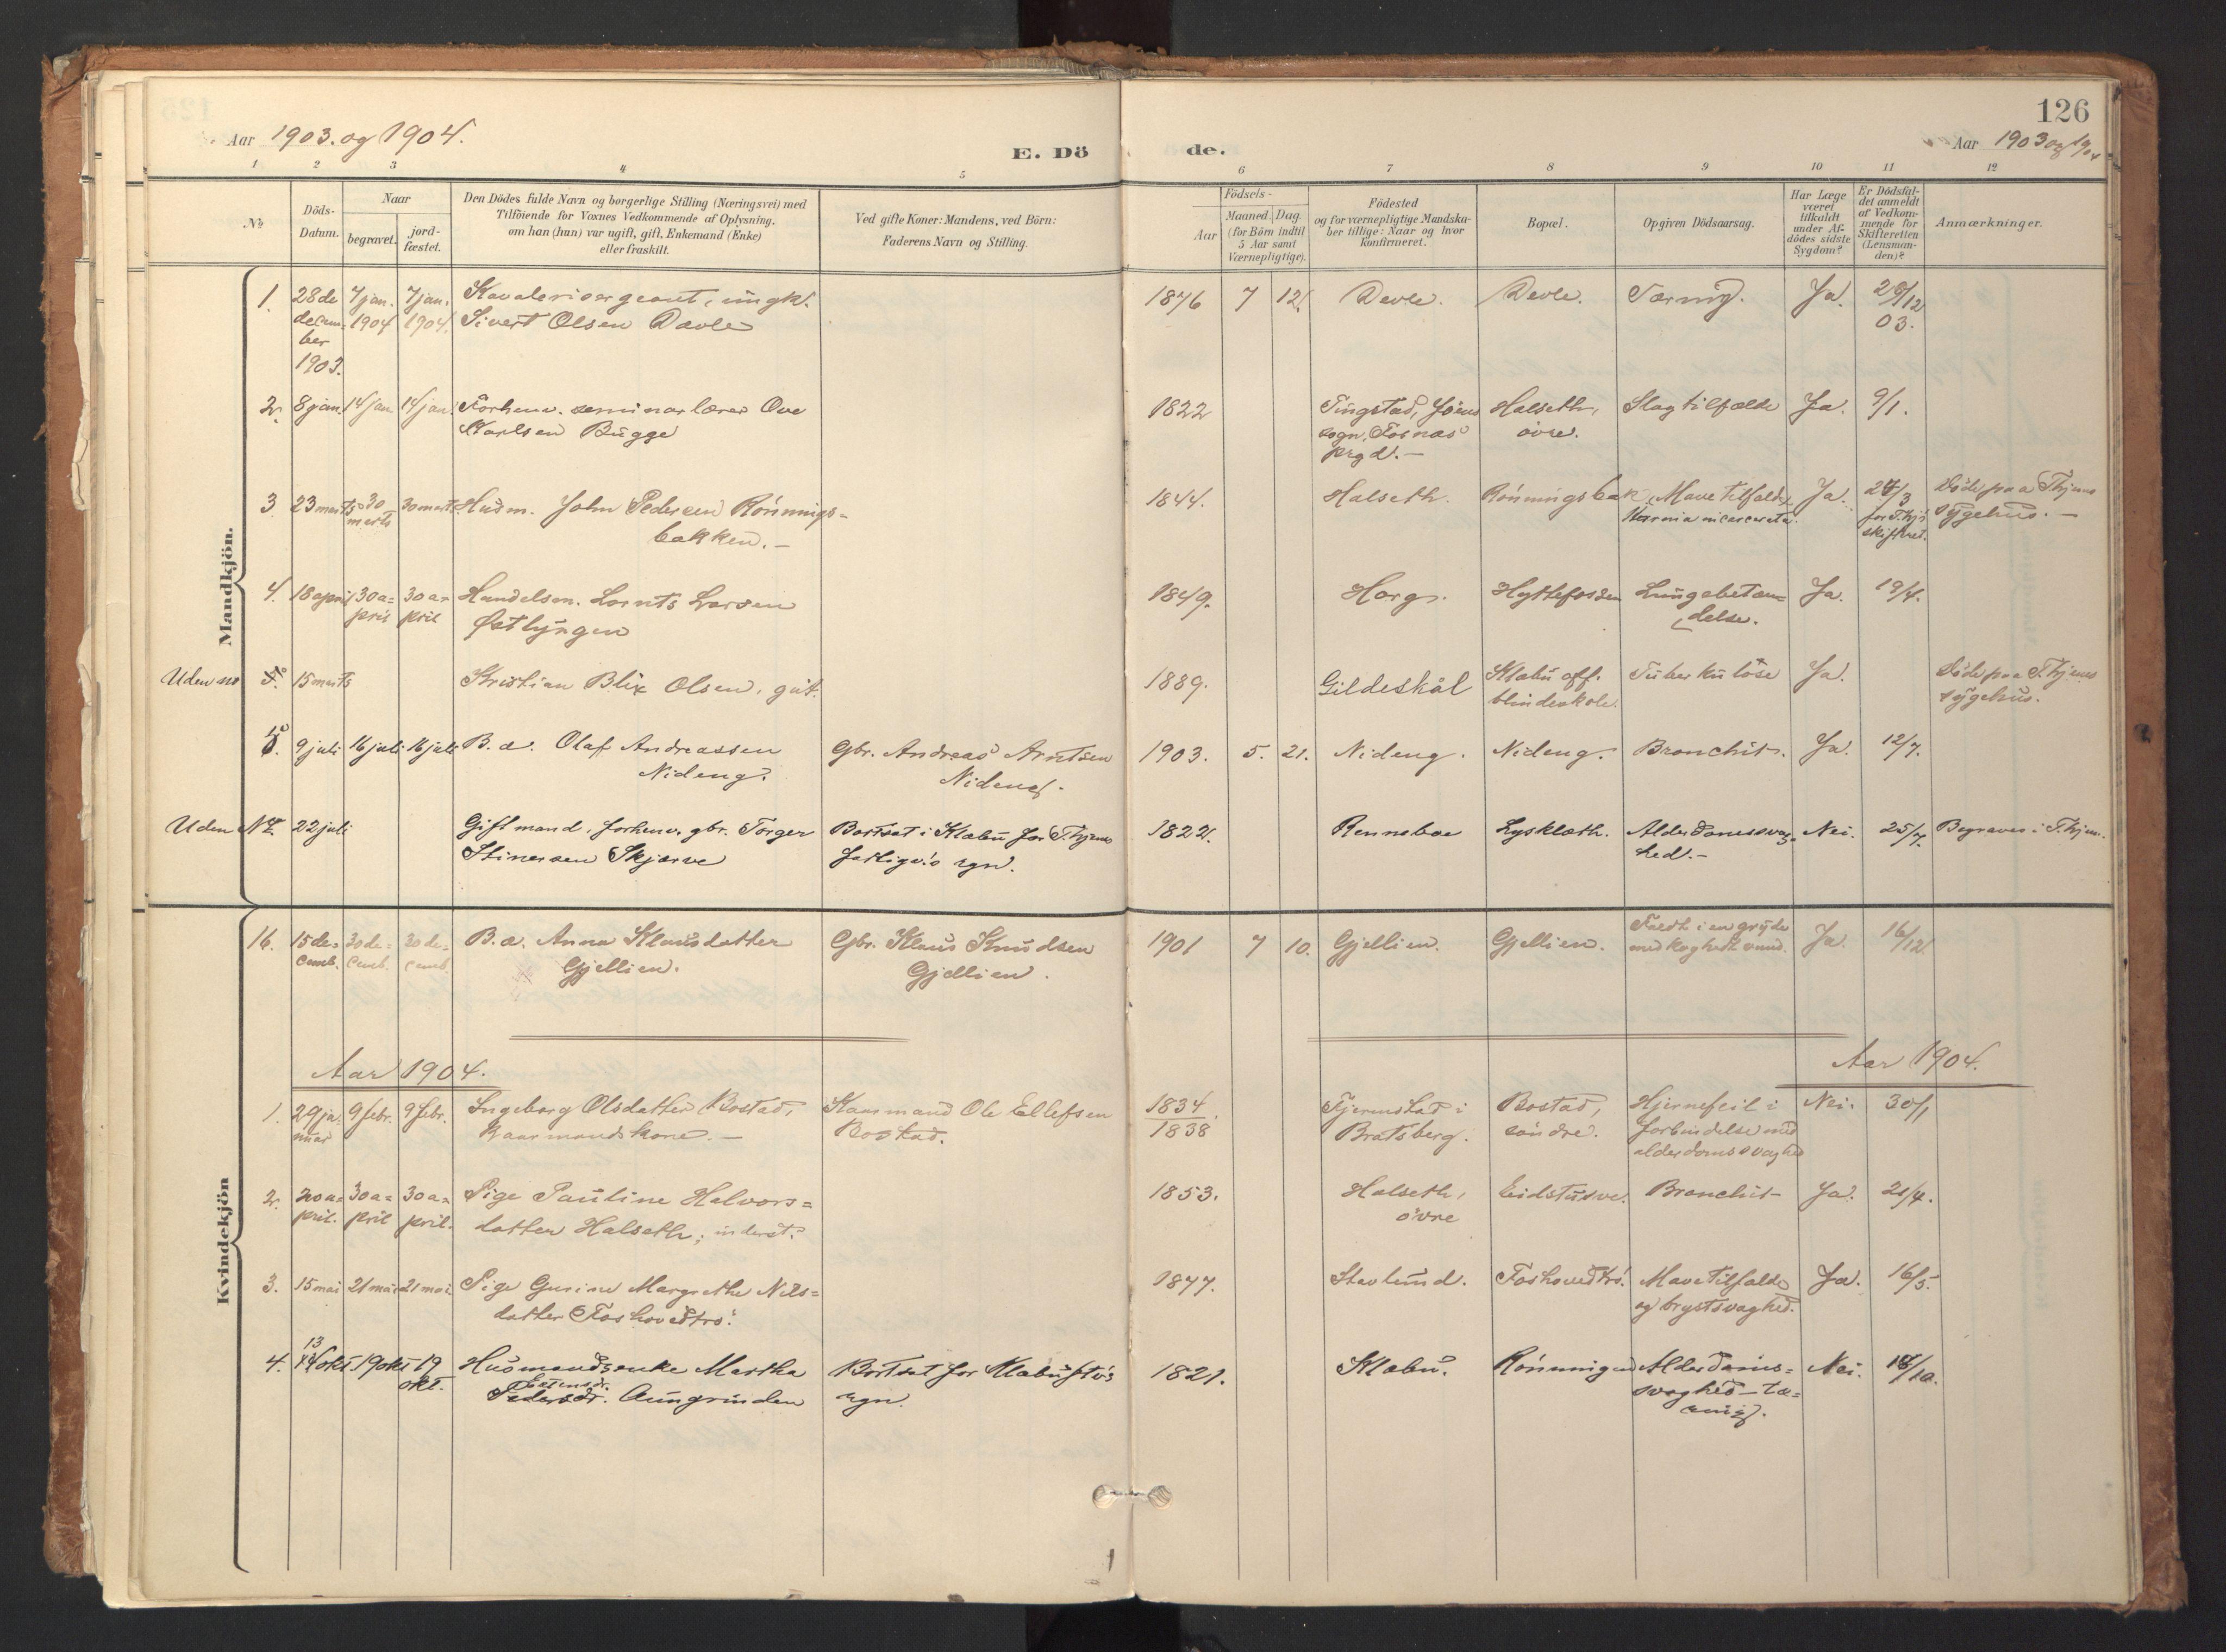 SAT, Ministerialprotokoller, klokkerbøker og fødselsregistre - Sør-Trøndelag, 618/L0448: Ministerialbok nr. 618A11, 1898-1916, s. 126